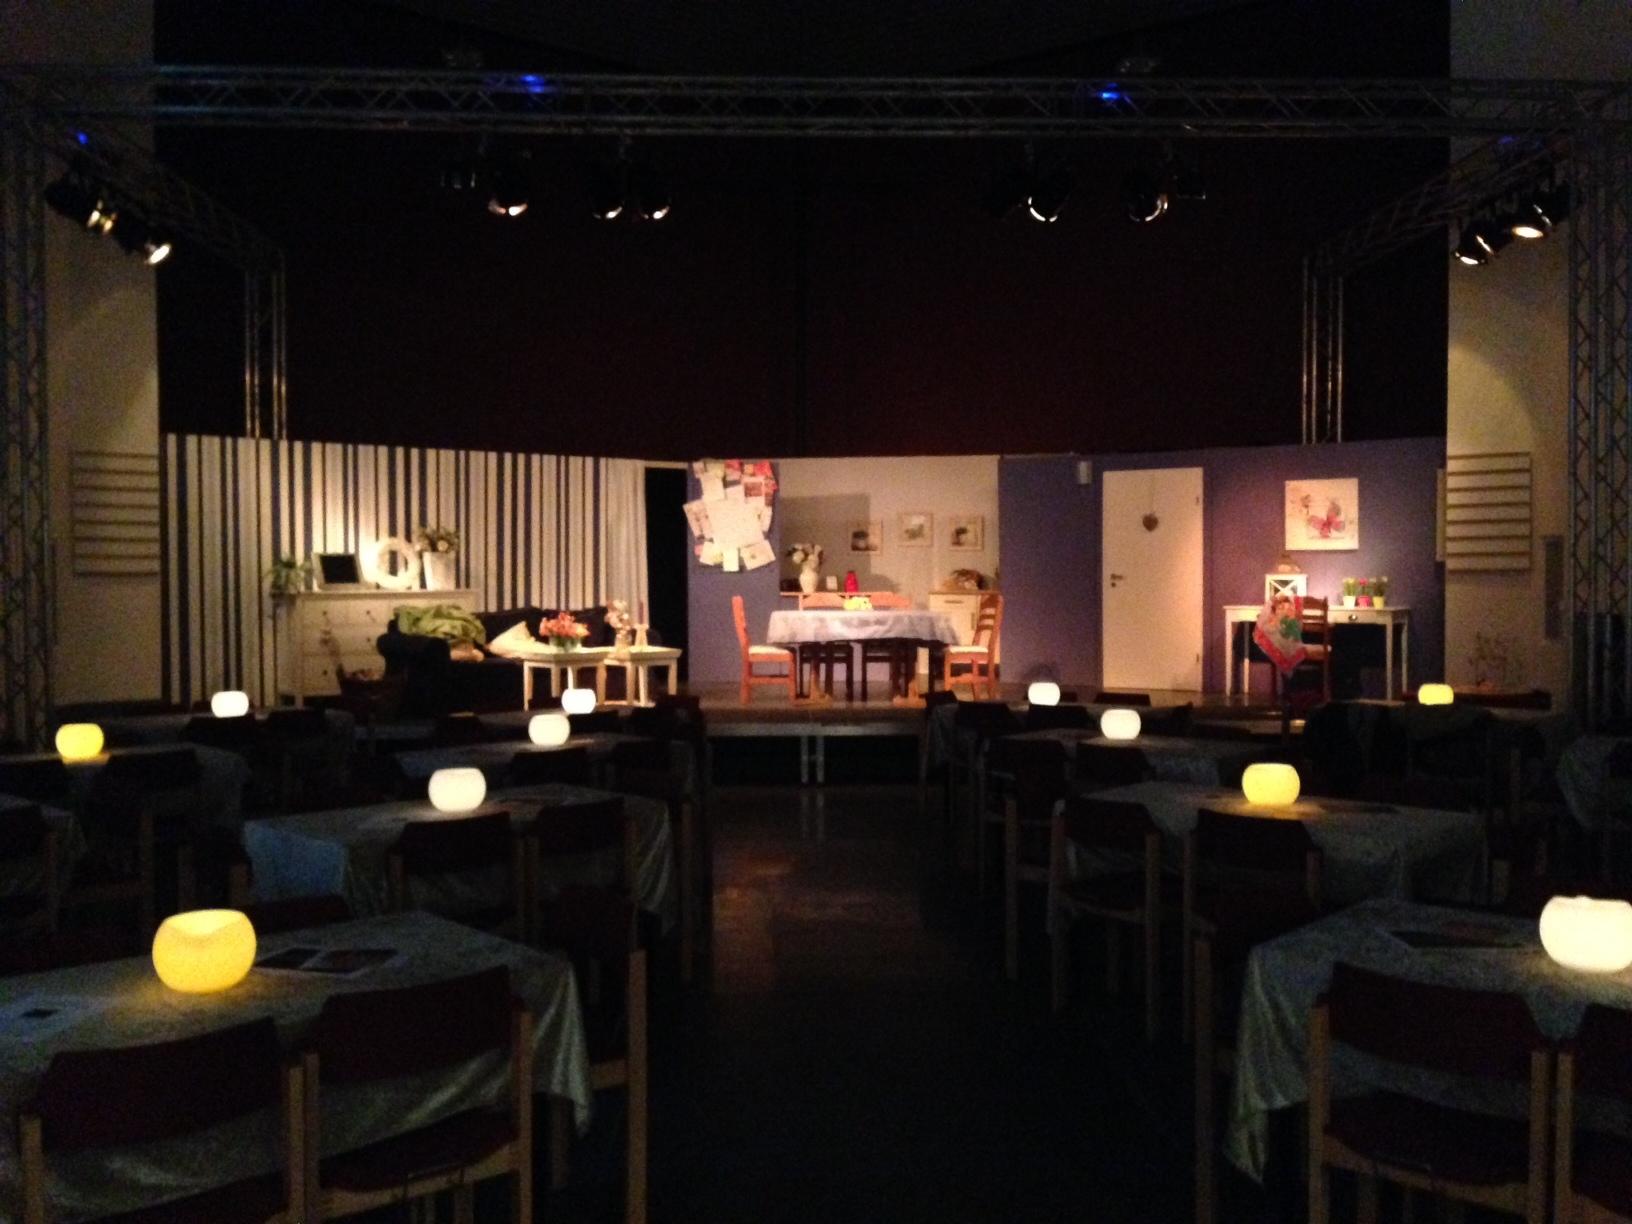 Gaudium Theater Made in OLX - Gaudium Theater